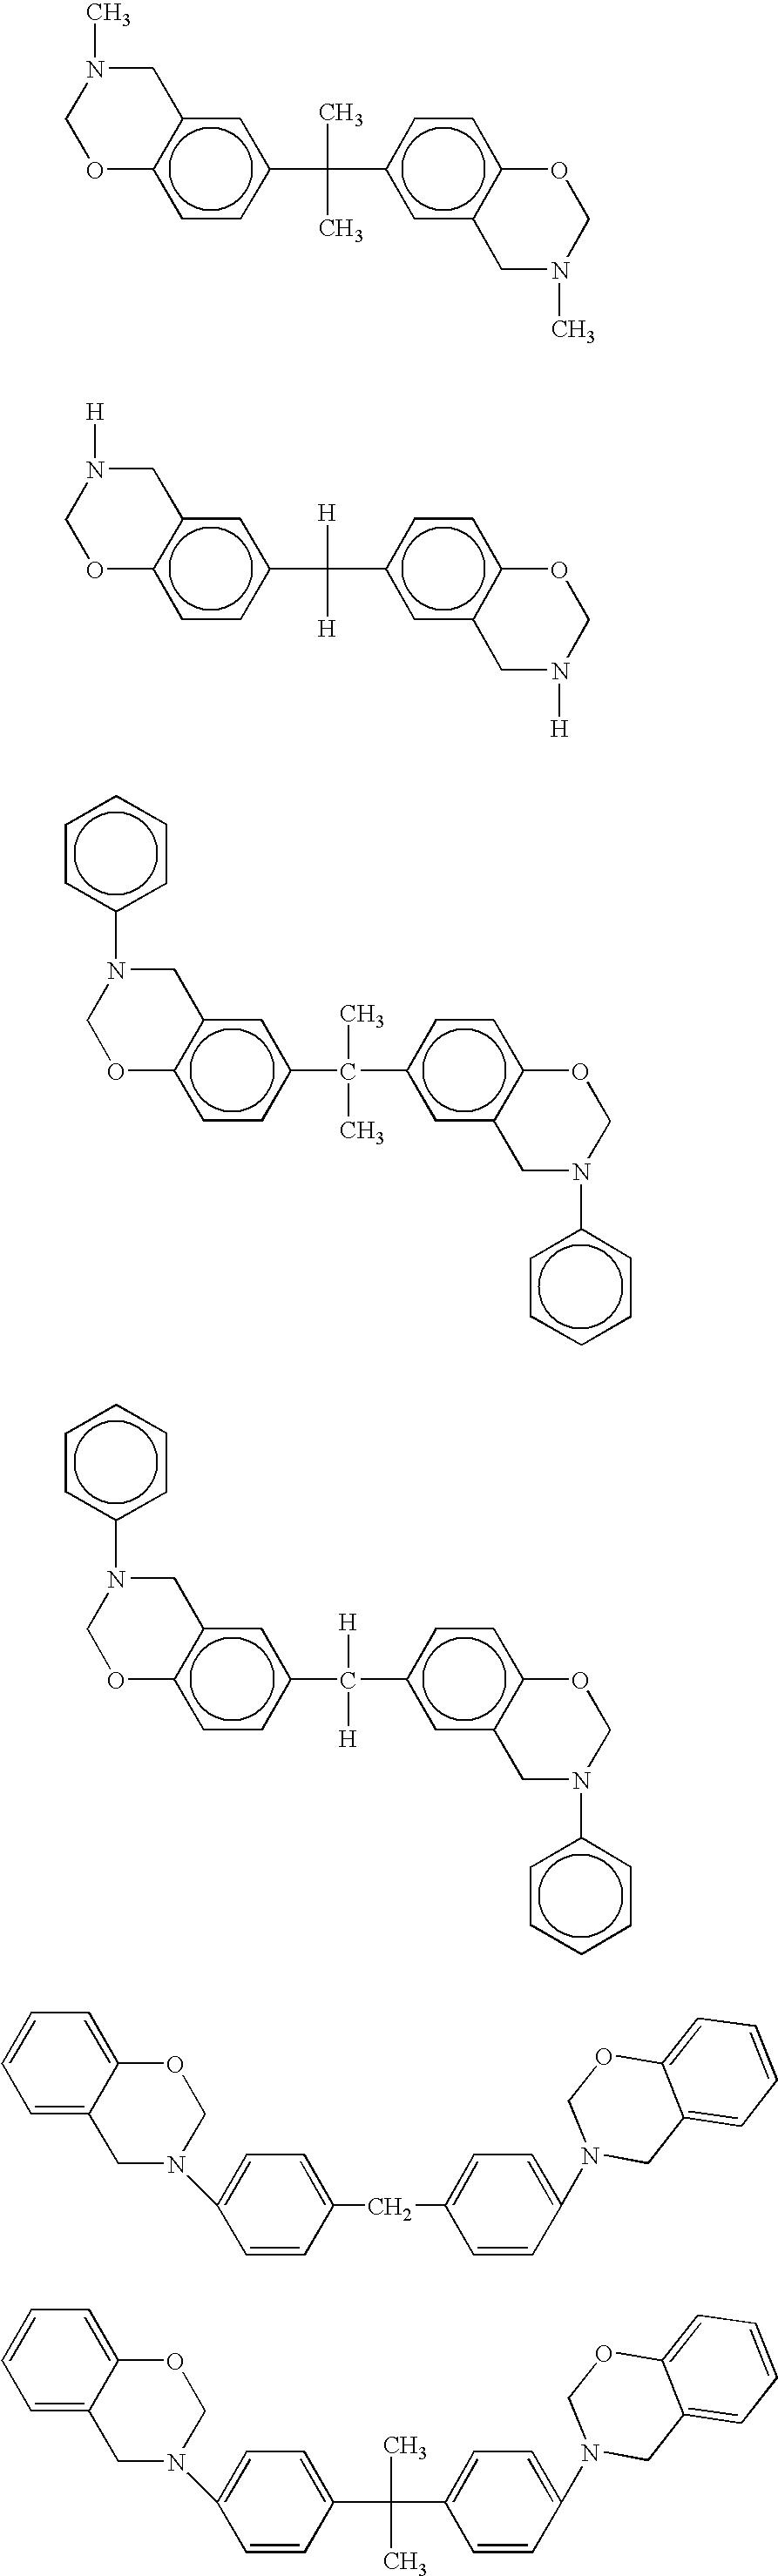 Figure US07452585-20081118-C00019